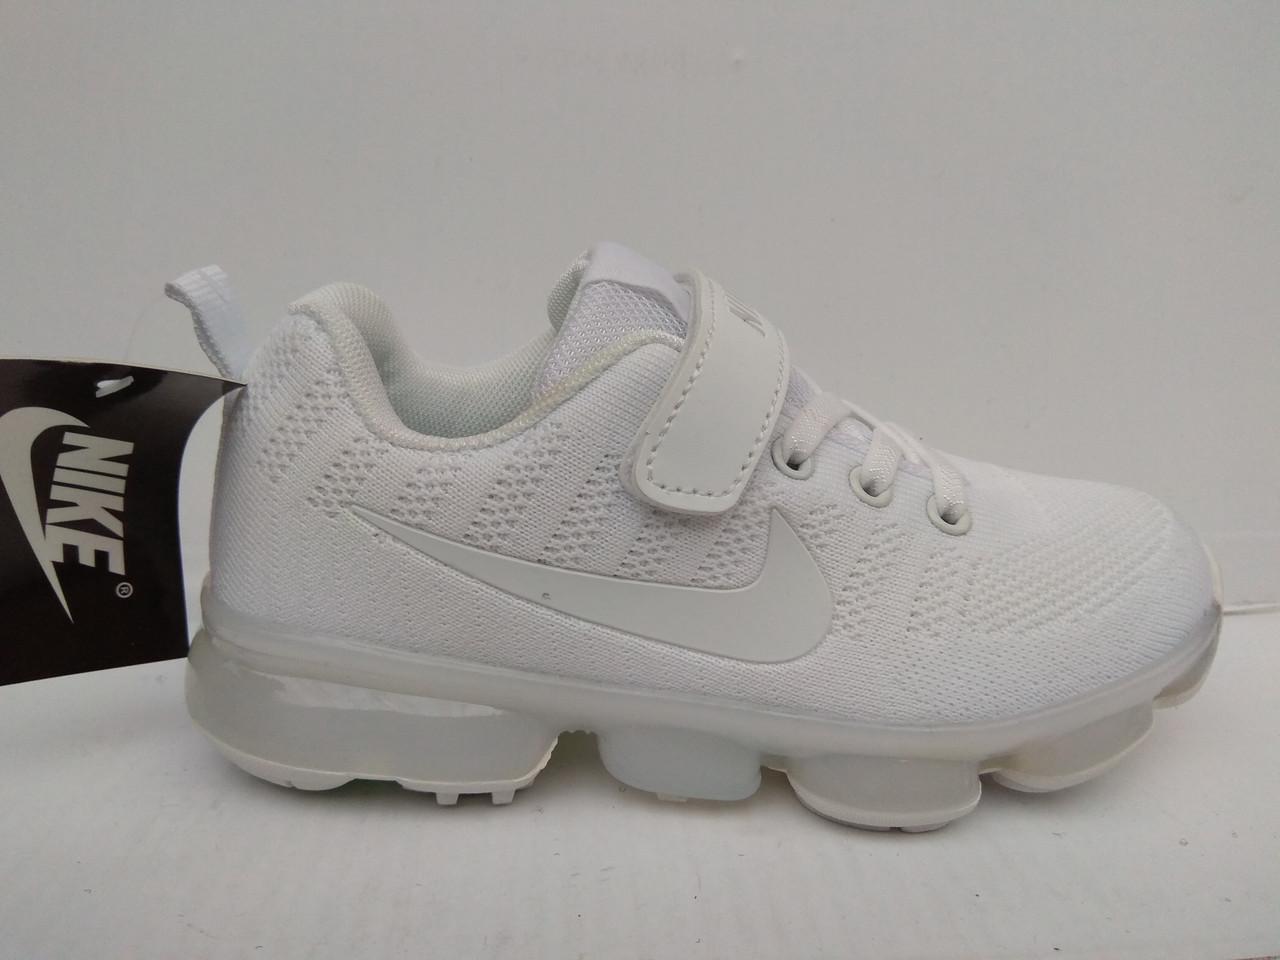 f5d56b6c6 Кроссовки Nike оптом E3540-6 (р.32-37) реплика Вьетнам, цена 425 грн ...